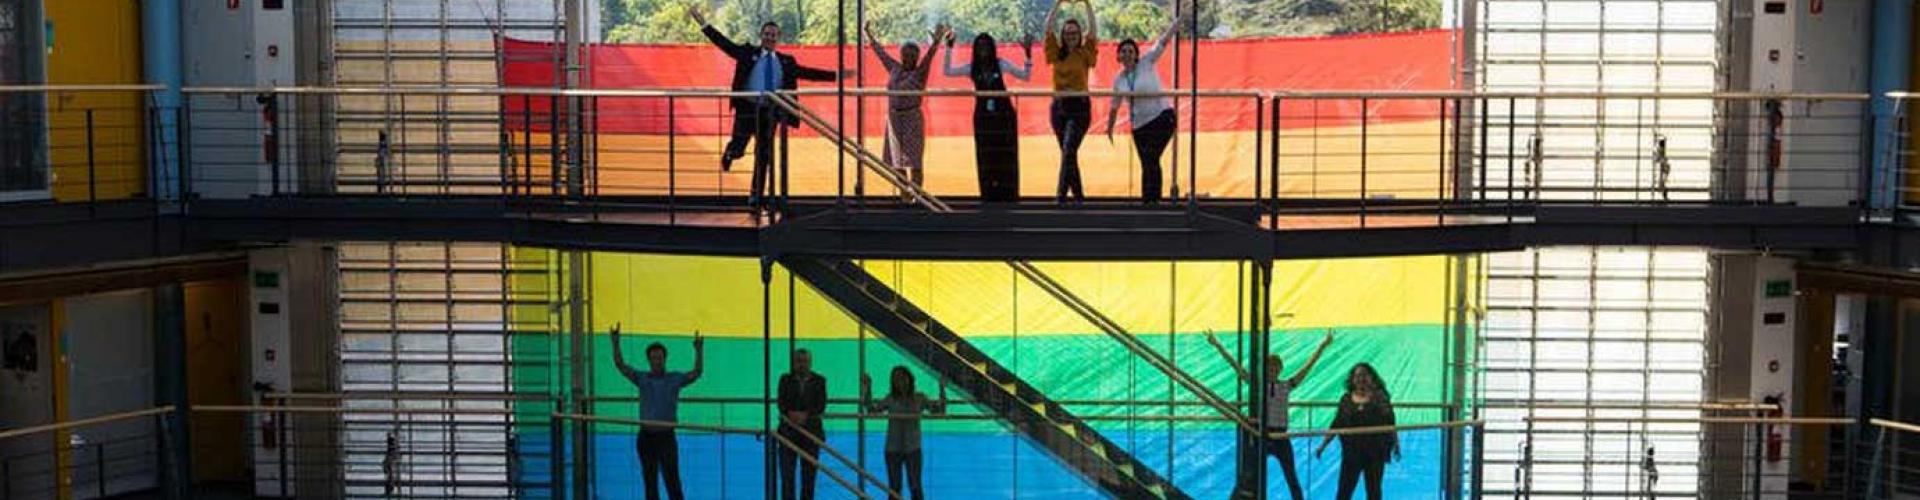 วันสากลเพื่อยุติความเกลียดกลัวคนรักเพศเดียวกันคนข้ามเพศและคนรักสองเพศ (IDAHOT)